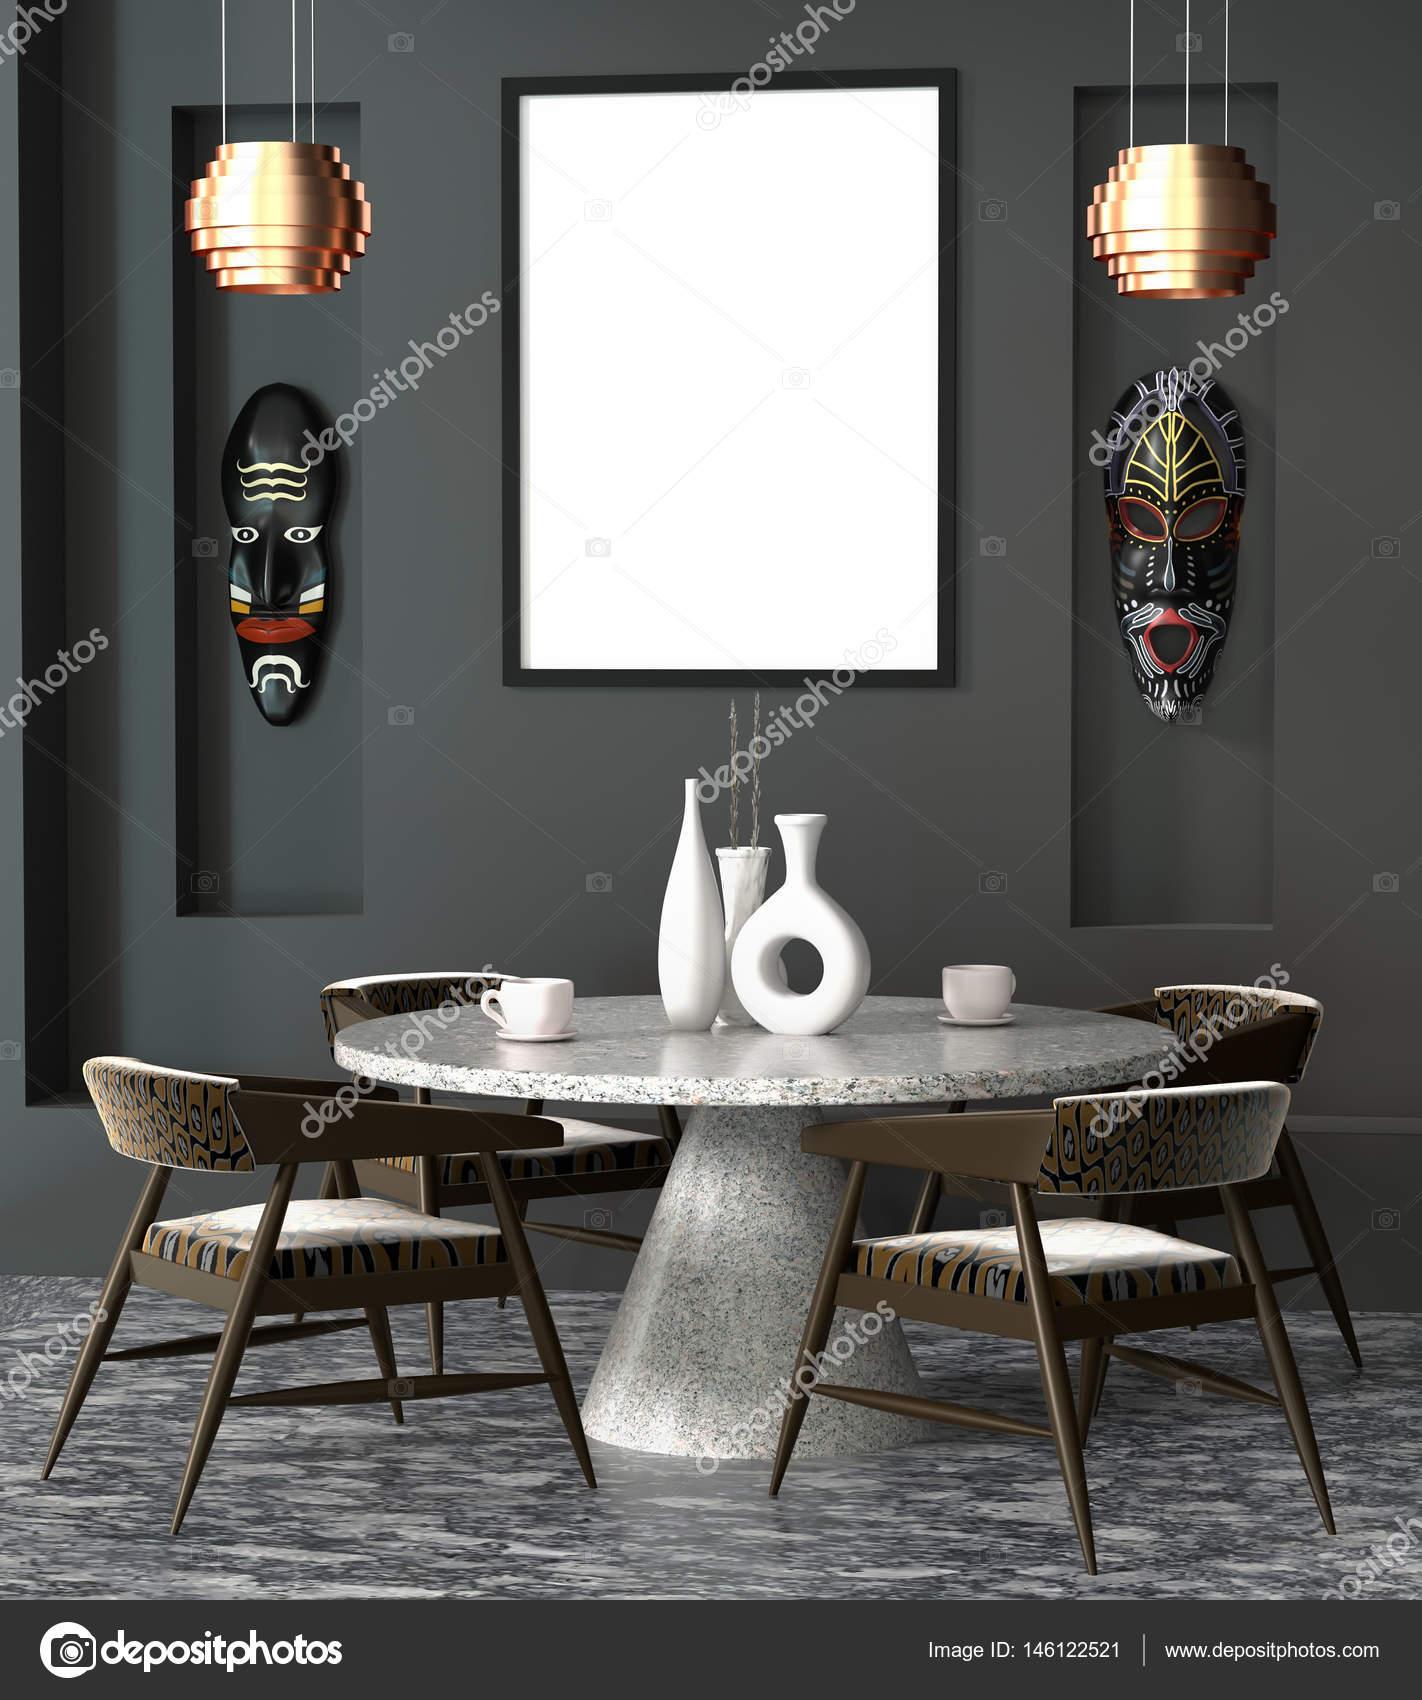 Abstracto 3d tribal interior el café con una mesa redonda. Mock ...